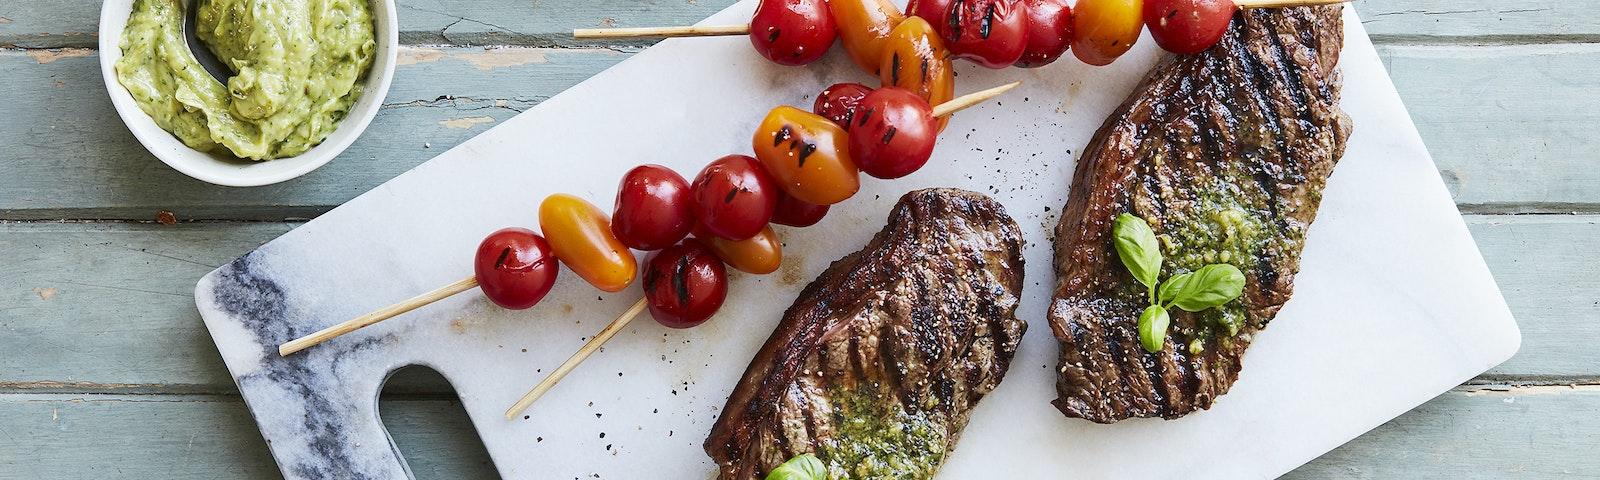 Grillet højrebsbøf med pestosmør & grillede tomatspyd